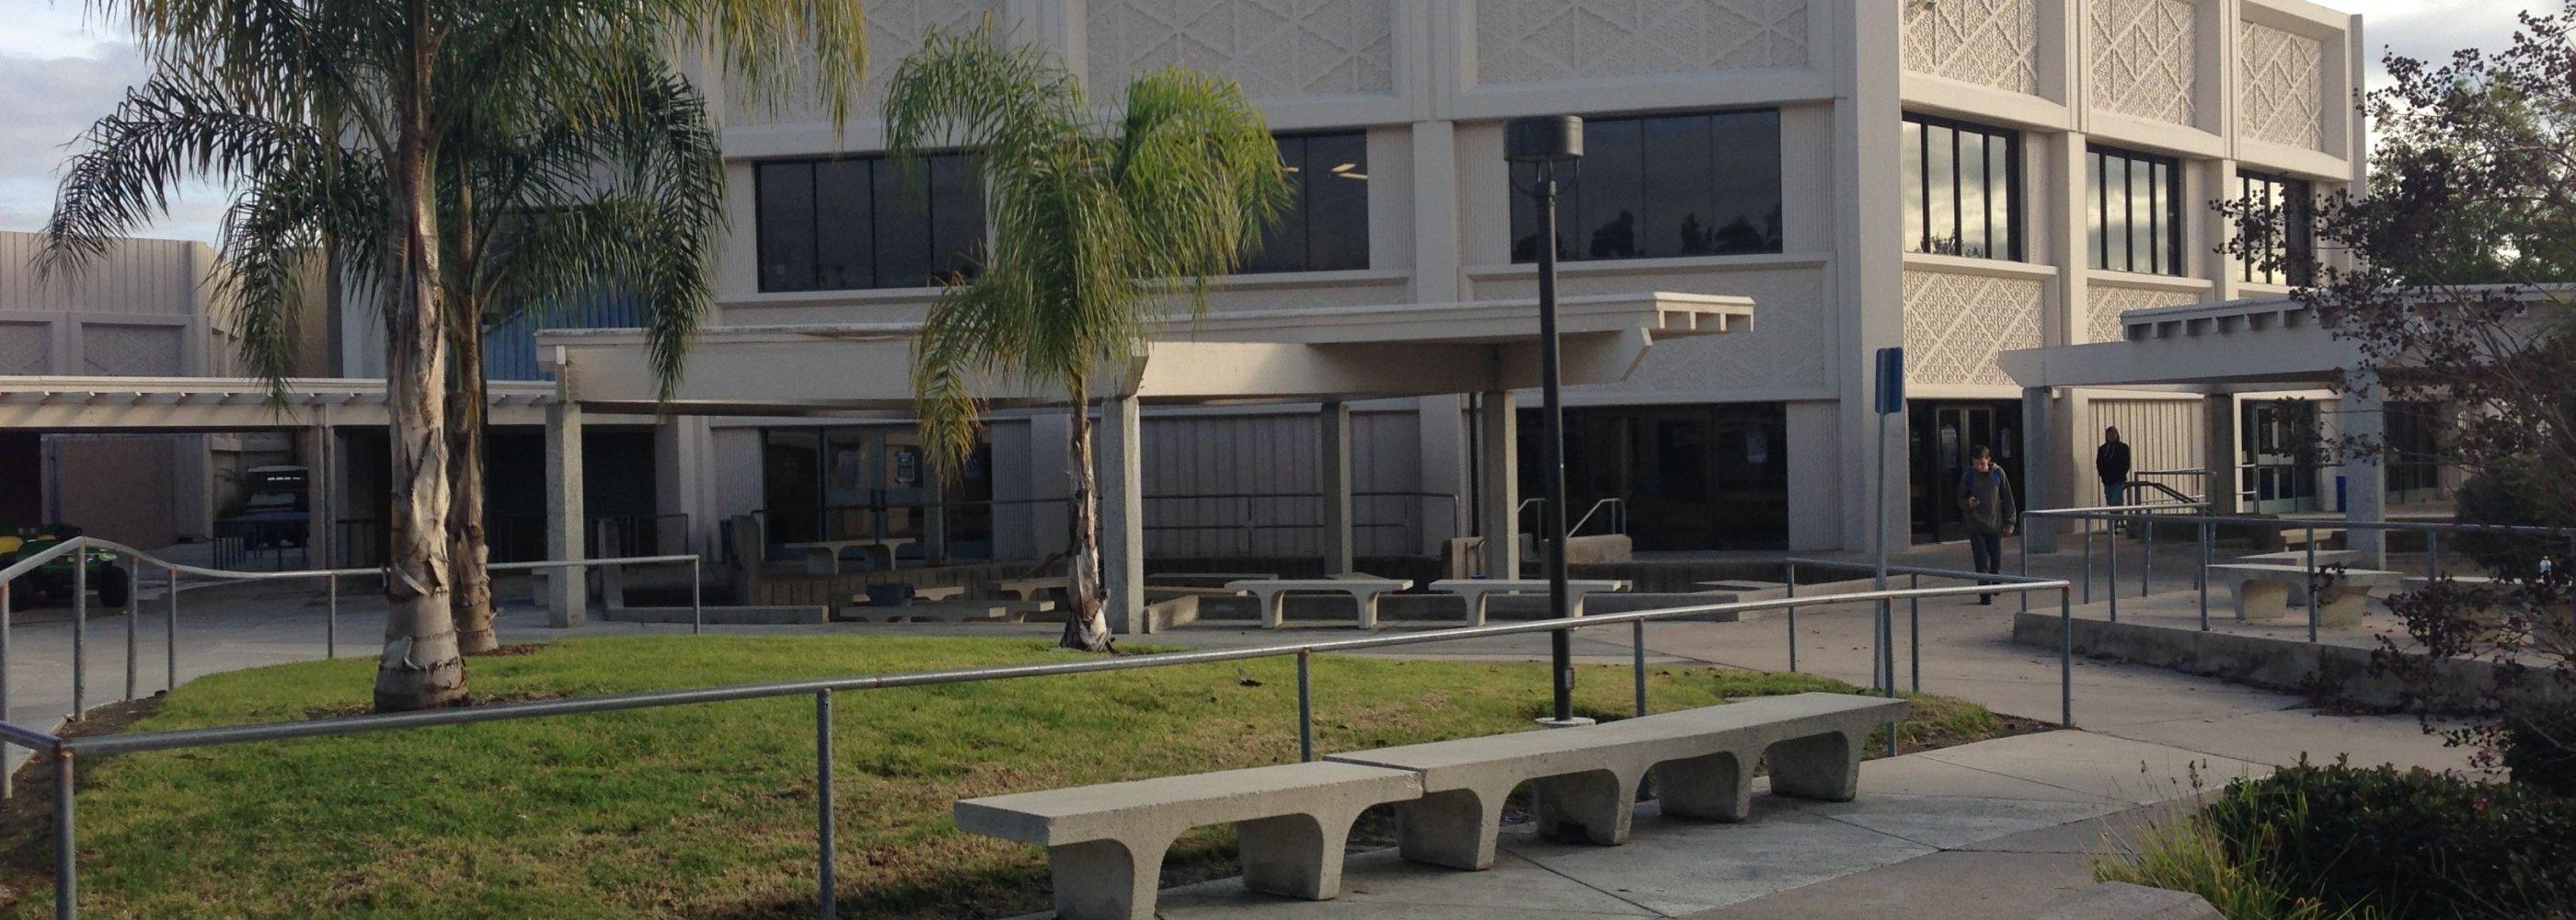 Irvine High Campus